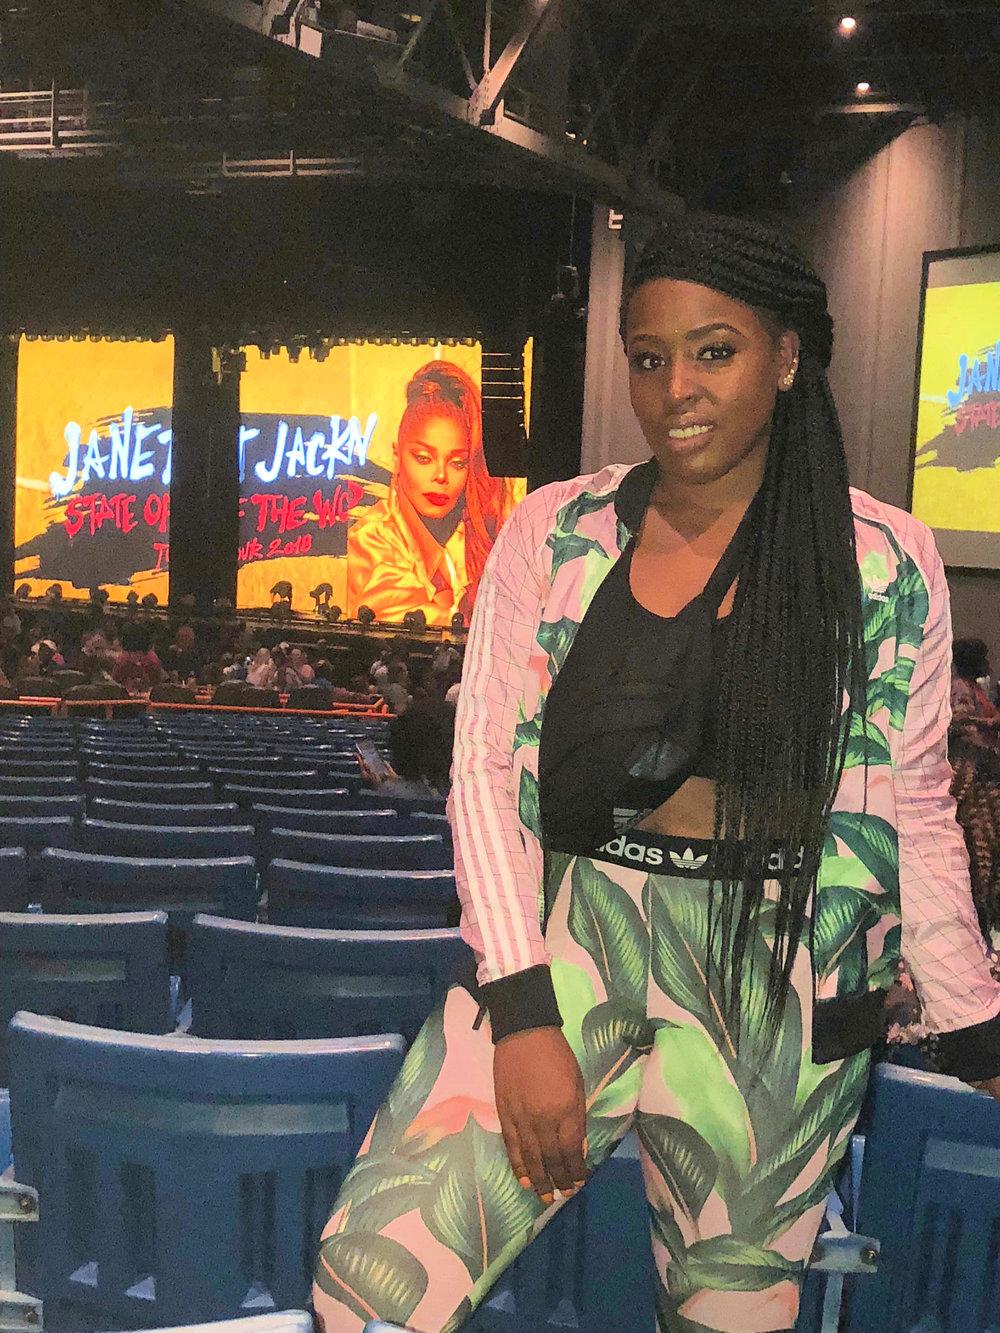 Janet Jaackson Concert